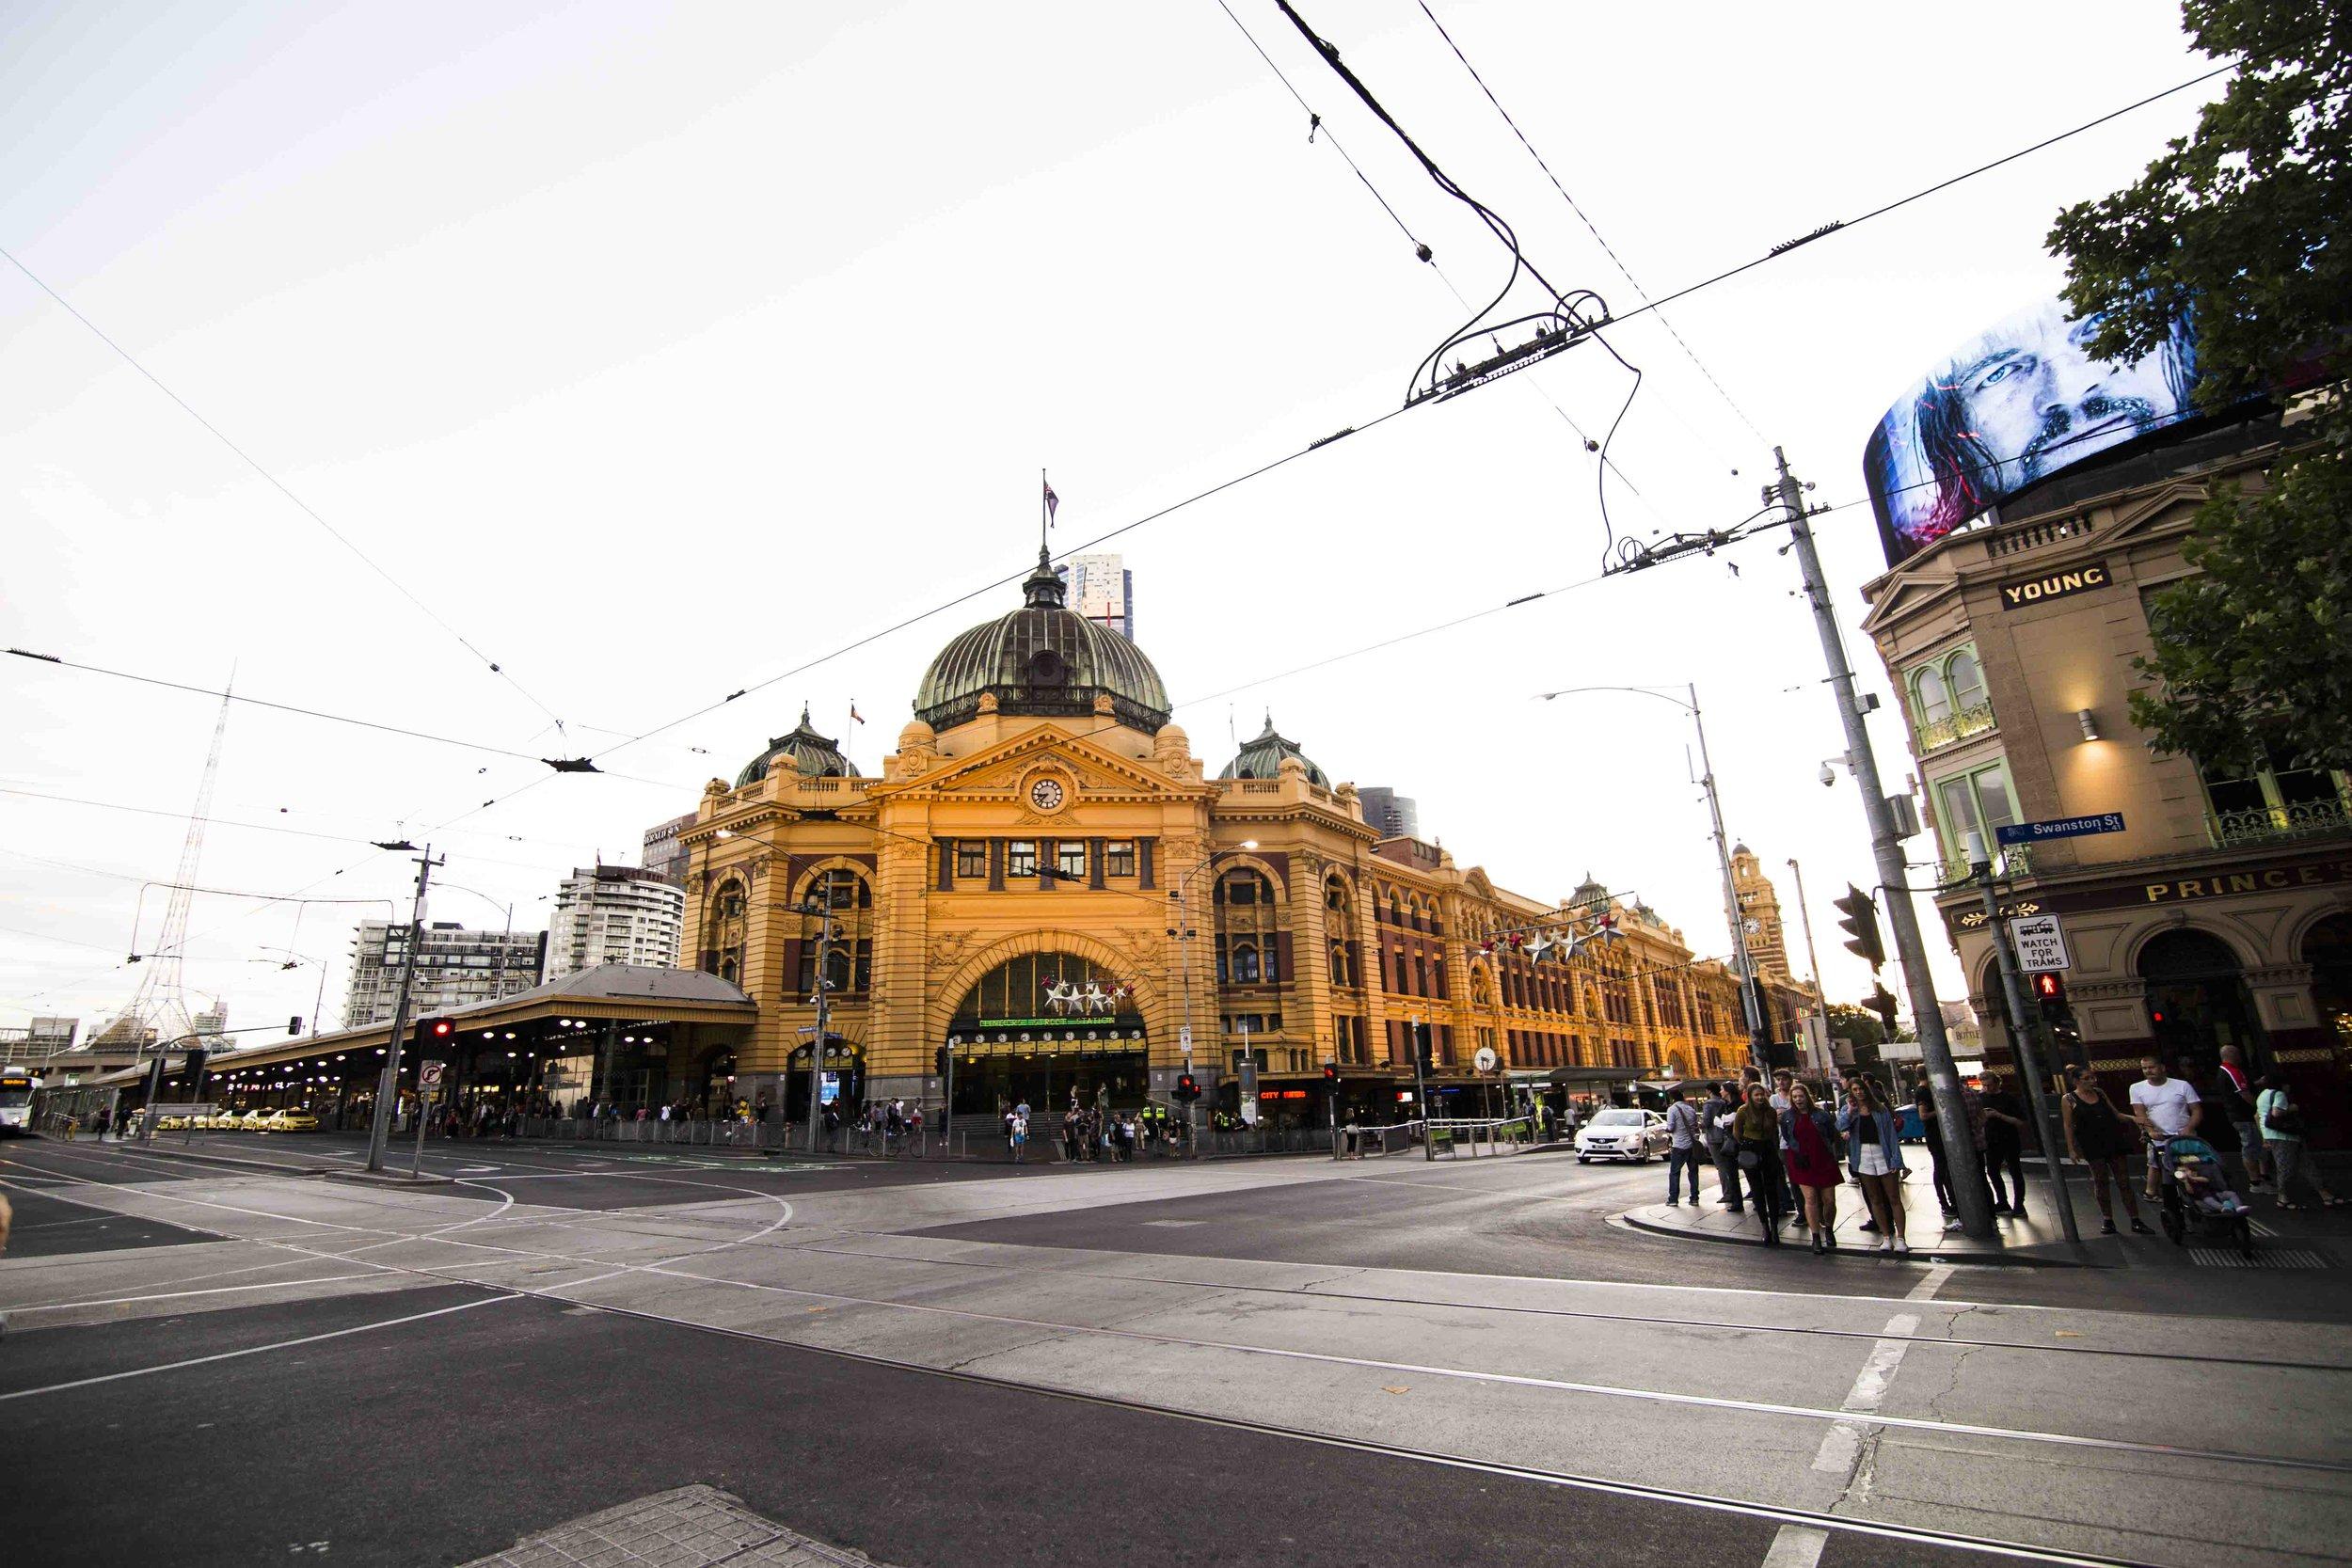 Flinders Station. Photo: Marine Raynard